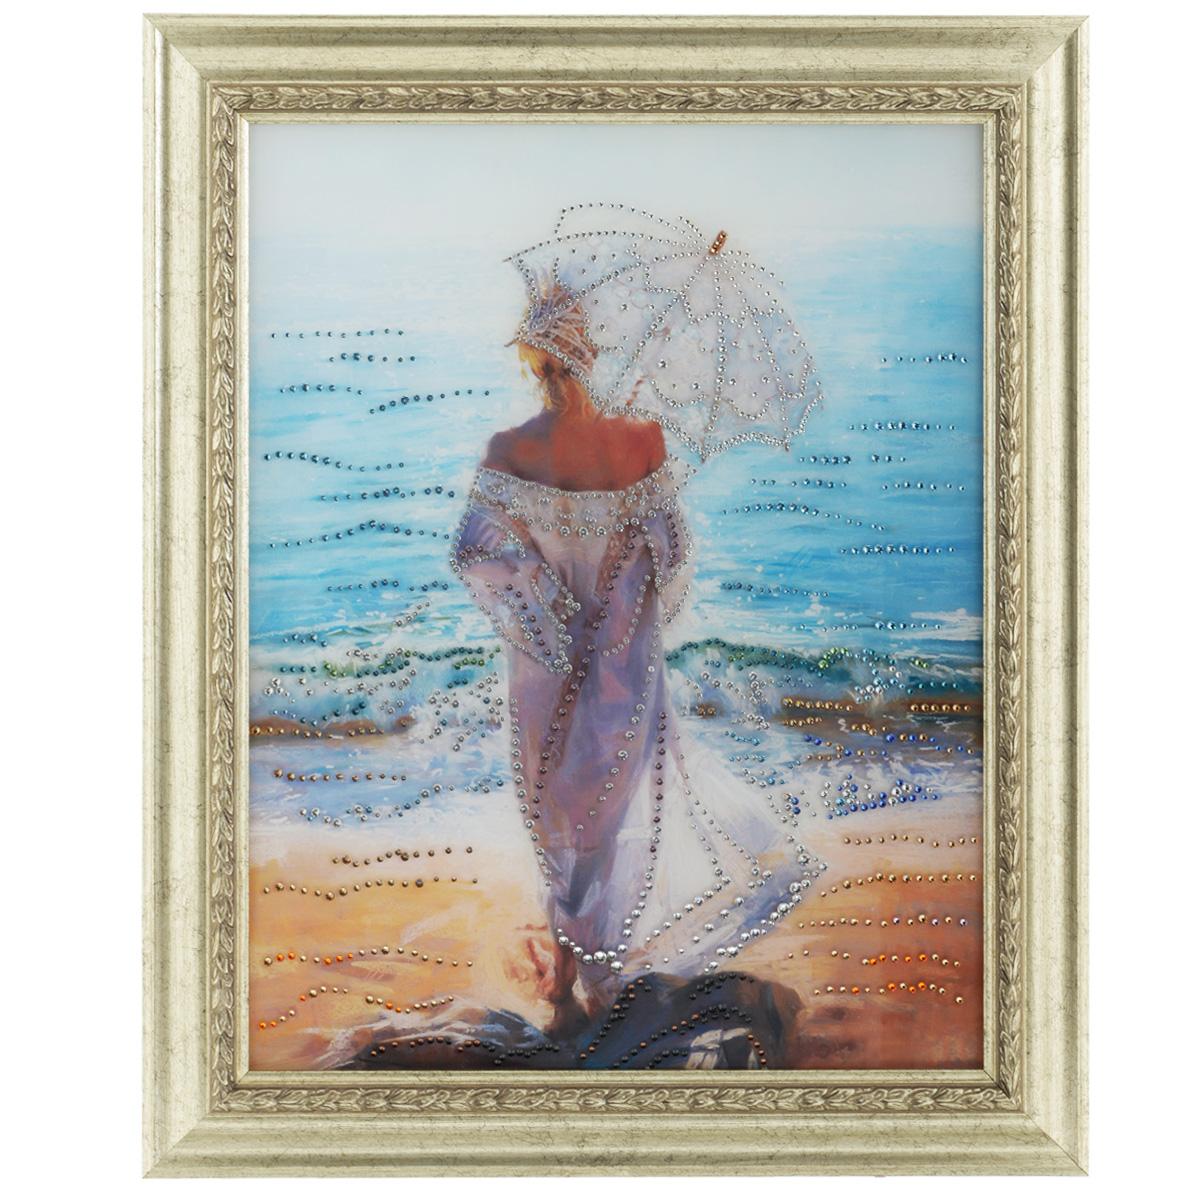 Картина с кристаллами Swarovski Влюбленная в море, 50 см х 60 см853133Изящная картина в багетной раме, инкрустирована кристаллами Swarovski, которые отличаются четкой и ровной огранкой, ярким блеском и чистотой цвета. Красочное изображение овечки, расположенное под стеклом, прекрасно дополняет блеск кристаллов. С обратной стороны имеется металлическая петелька для размещения картины на стене. Картина с кристаллами Swarovski Влюбленная в море элегантно украсит интерьер дома или офиса, а также станет прекрасным подарком, который обязательно понравится получателю. Блеск кристаллов в интерьере, что может быть сказочнее и удивительнее. Картина упакована в подарочную картонную коробку красного цвета и комплектуется сертификатом соответствия Swarovski. Количество кристаллов: 1425 шт. Размер картины: 50 см х 60 см.